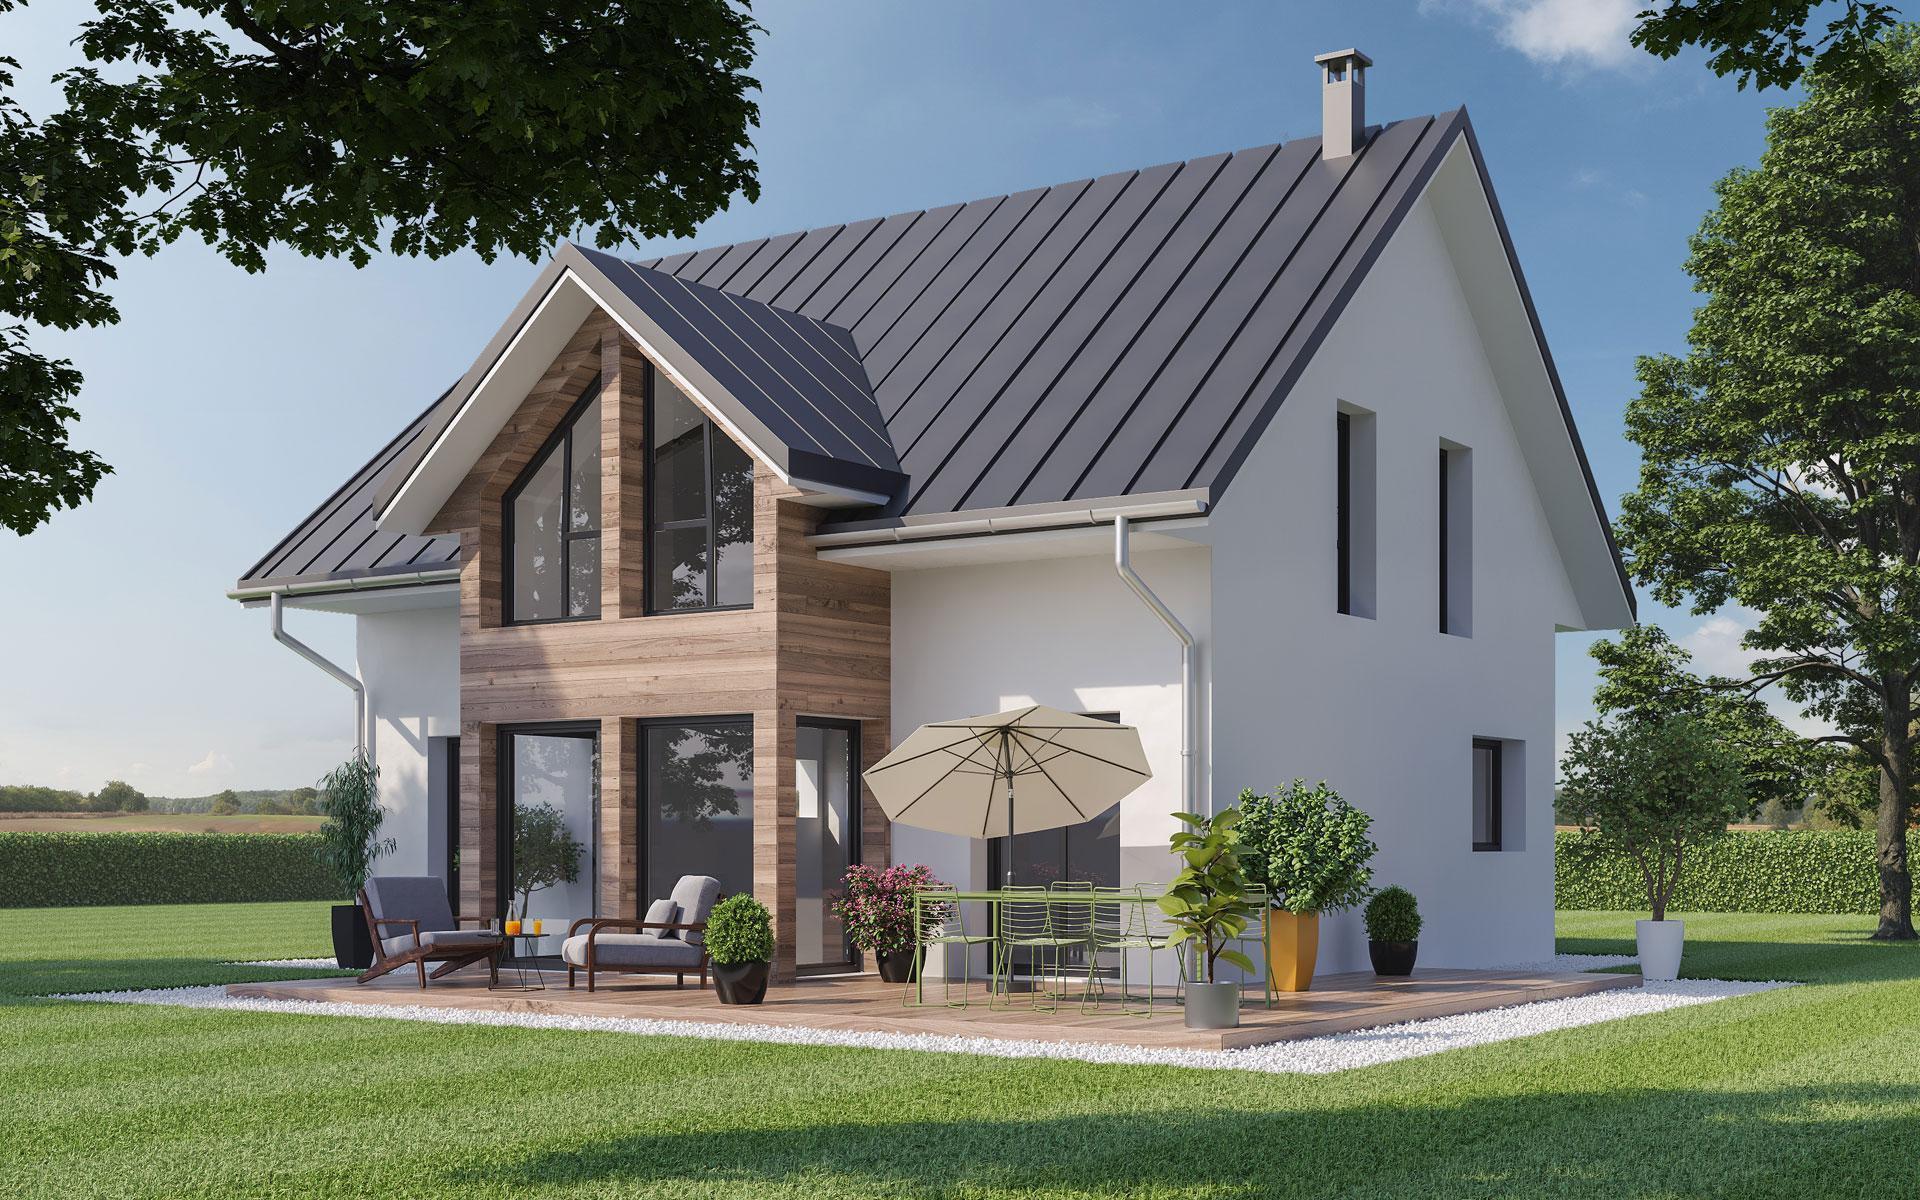 Maison individuelle ossature bois Tilleul par Olry Bois - modèle 3D